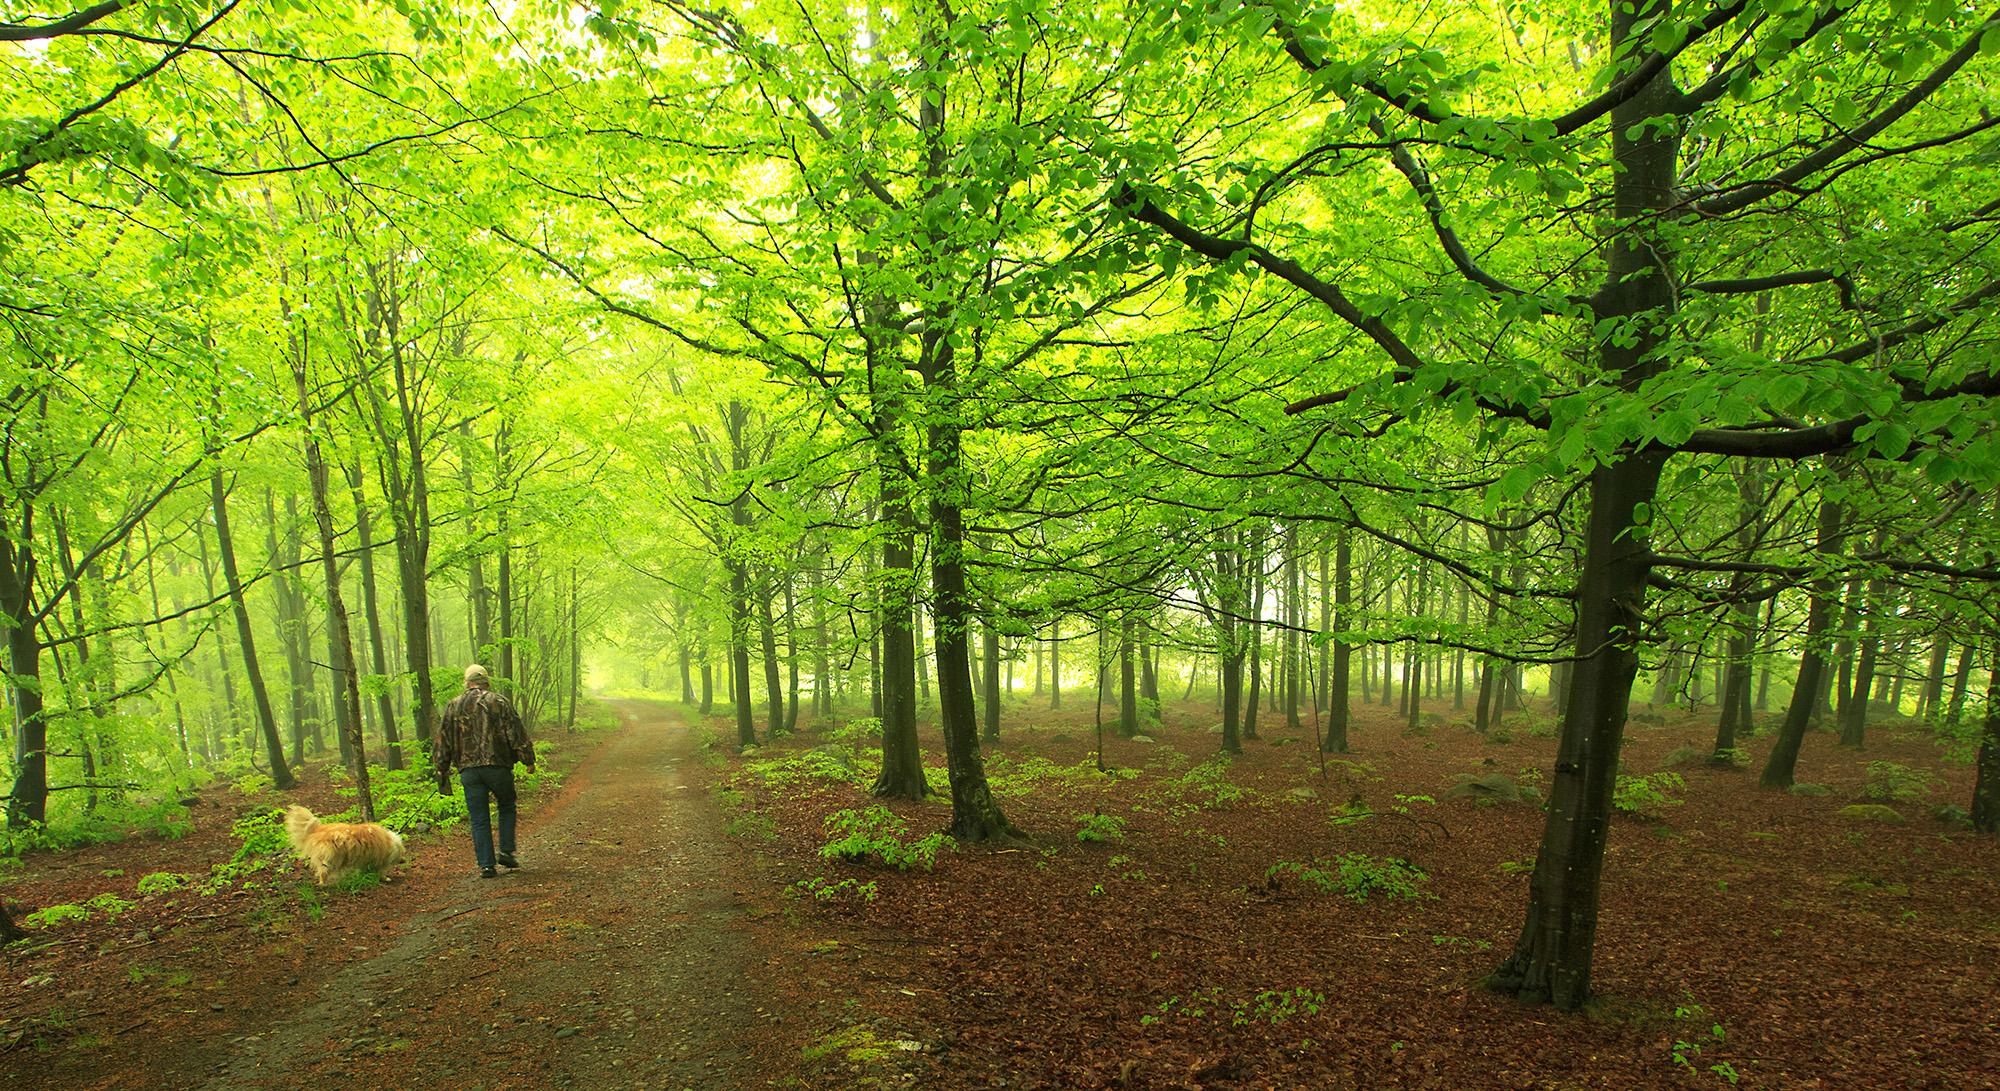 Bøkeskogen er helt sentral i Raet nasjonalpark i Grimstad, og velkomstsenteret fokuserer på hvilke vekstforhold endemorenen gir for varmekjære trær og planter og dyrking av grønnsaker og hagevekster.